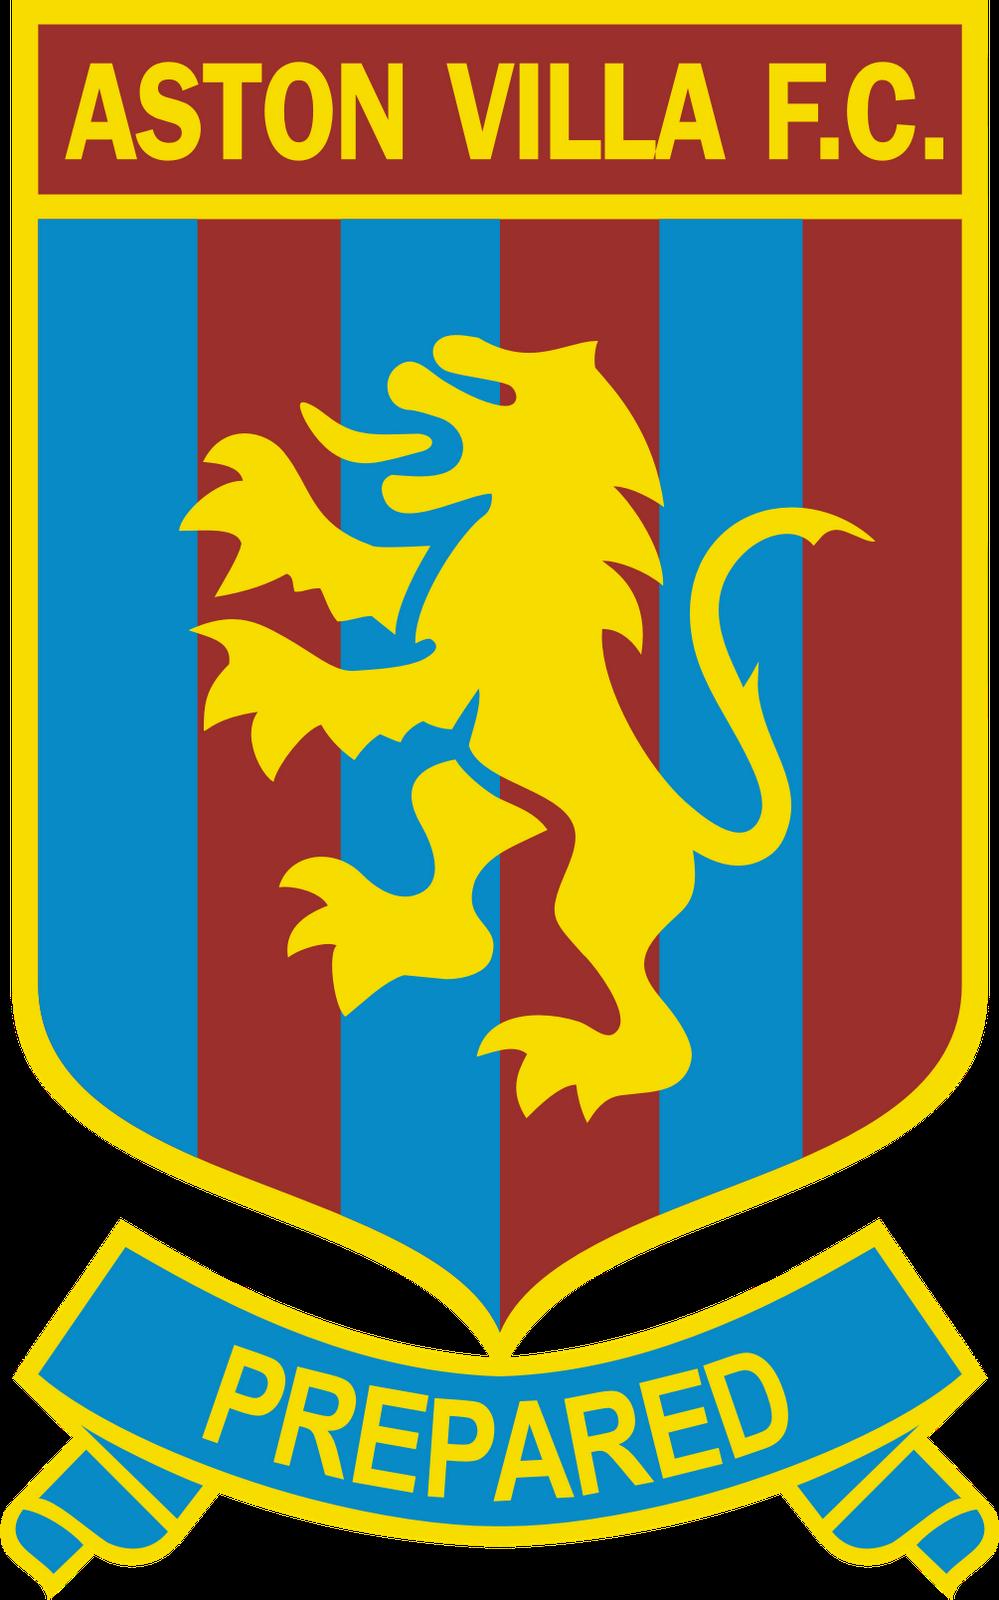 Logo Aston Villa FC - Ardi La Madi's Blog